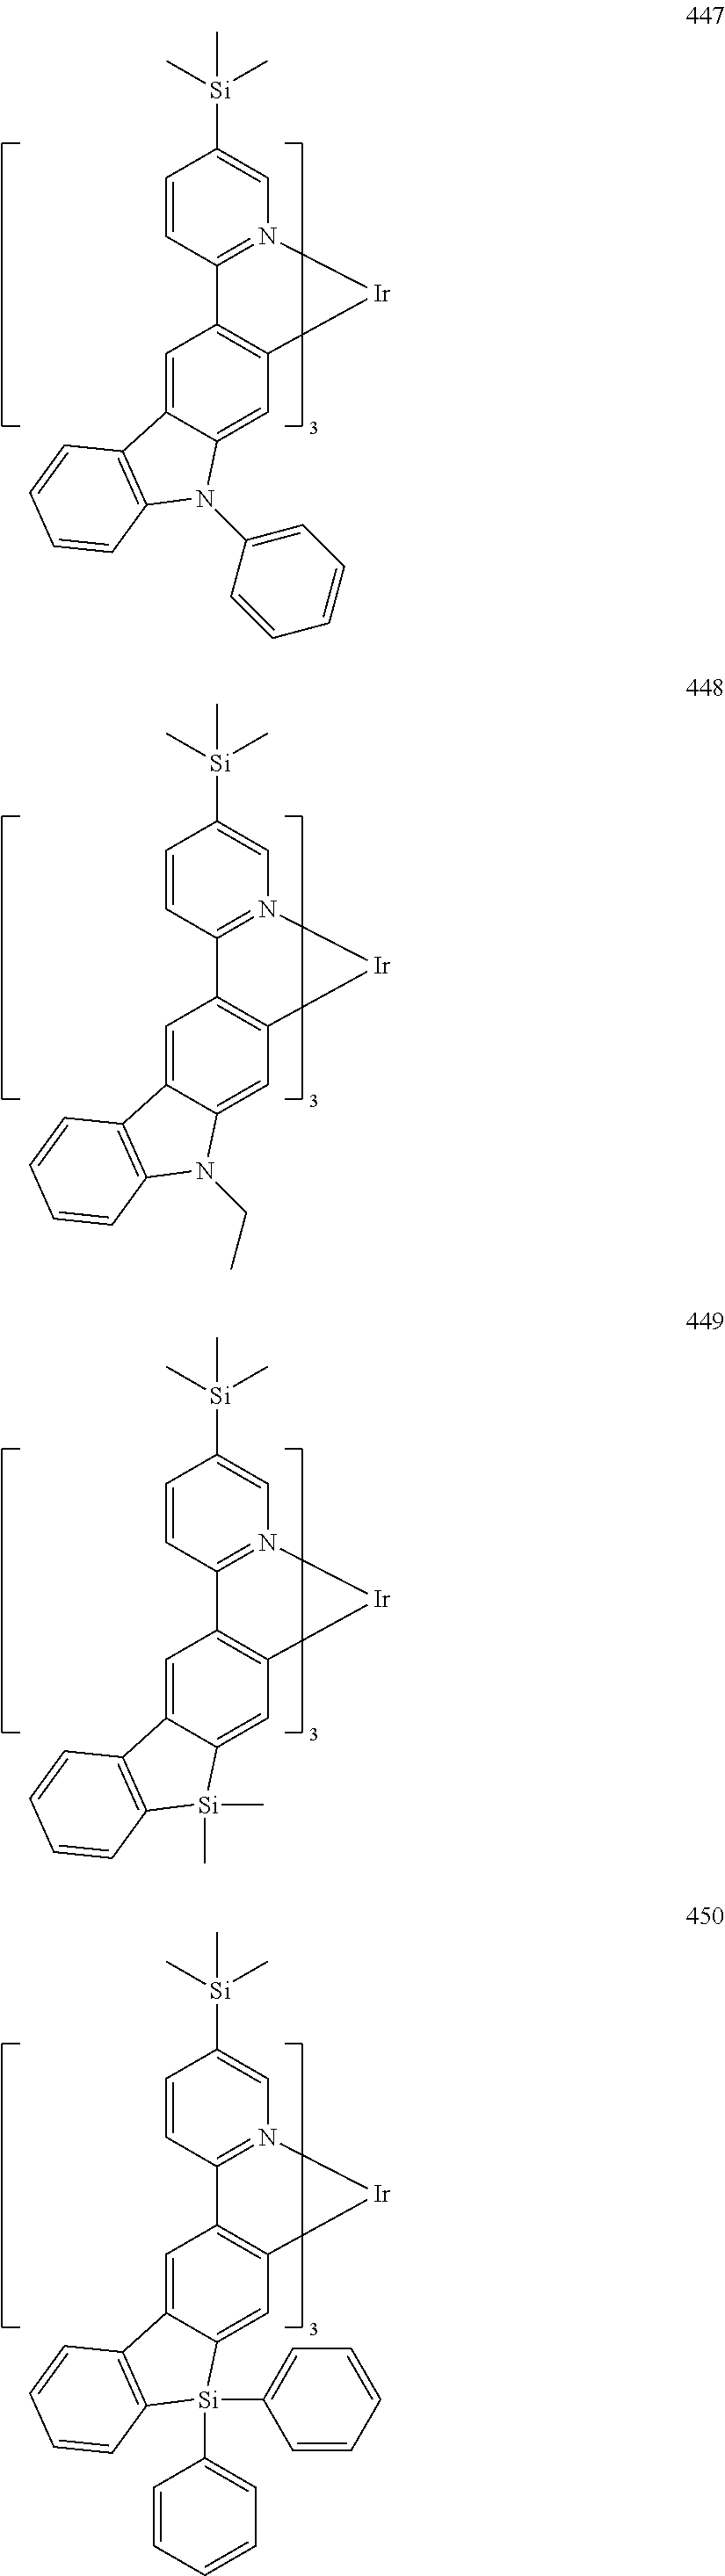 Figure US20160155962A1-20160602-C00451